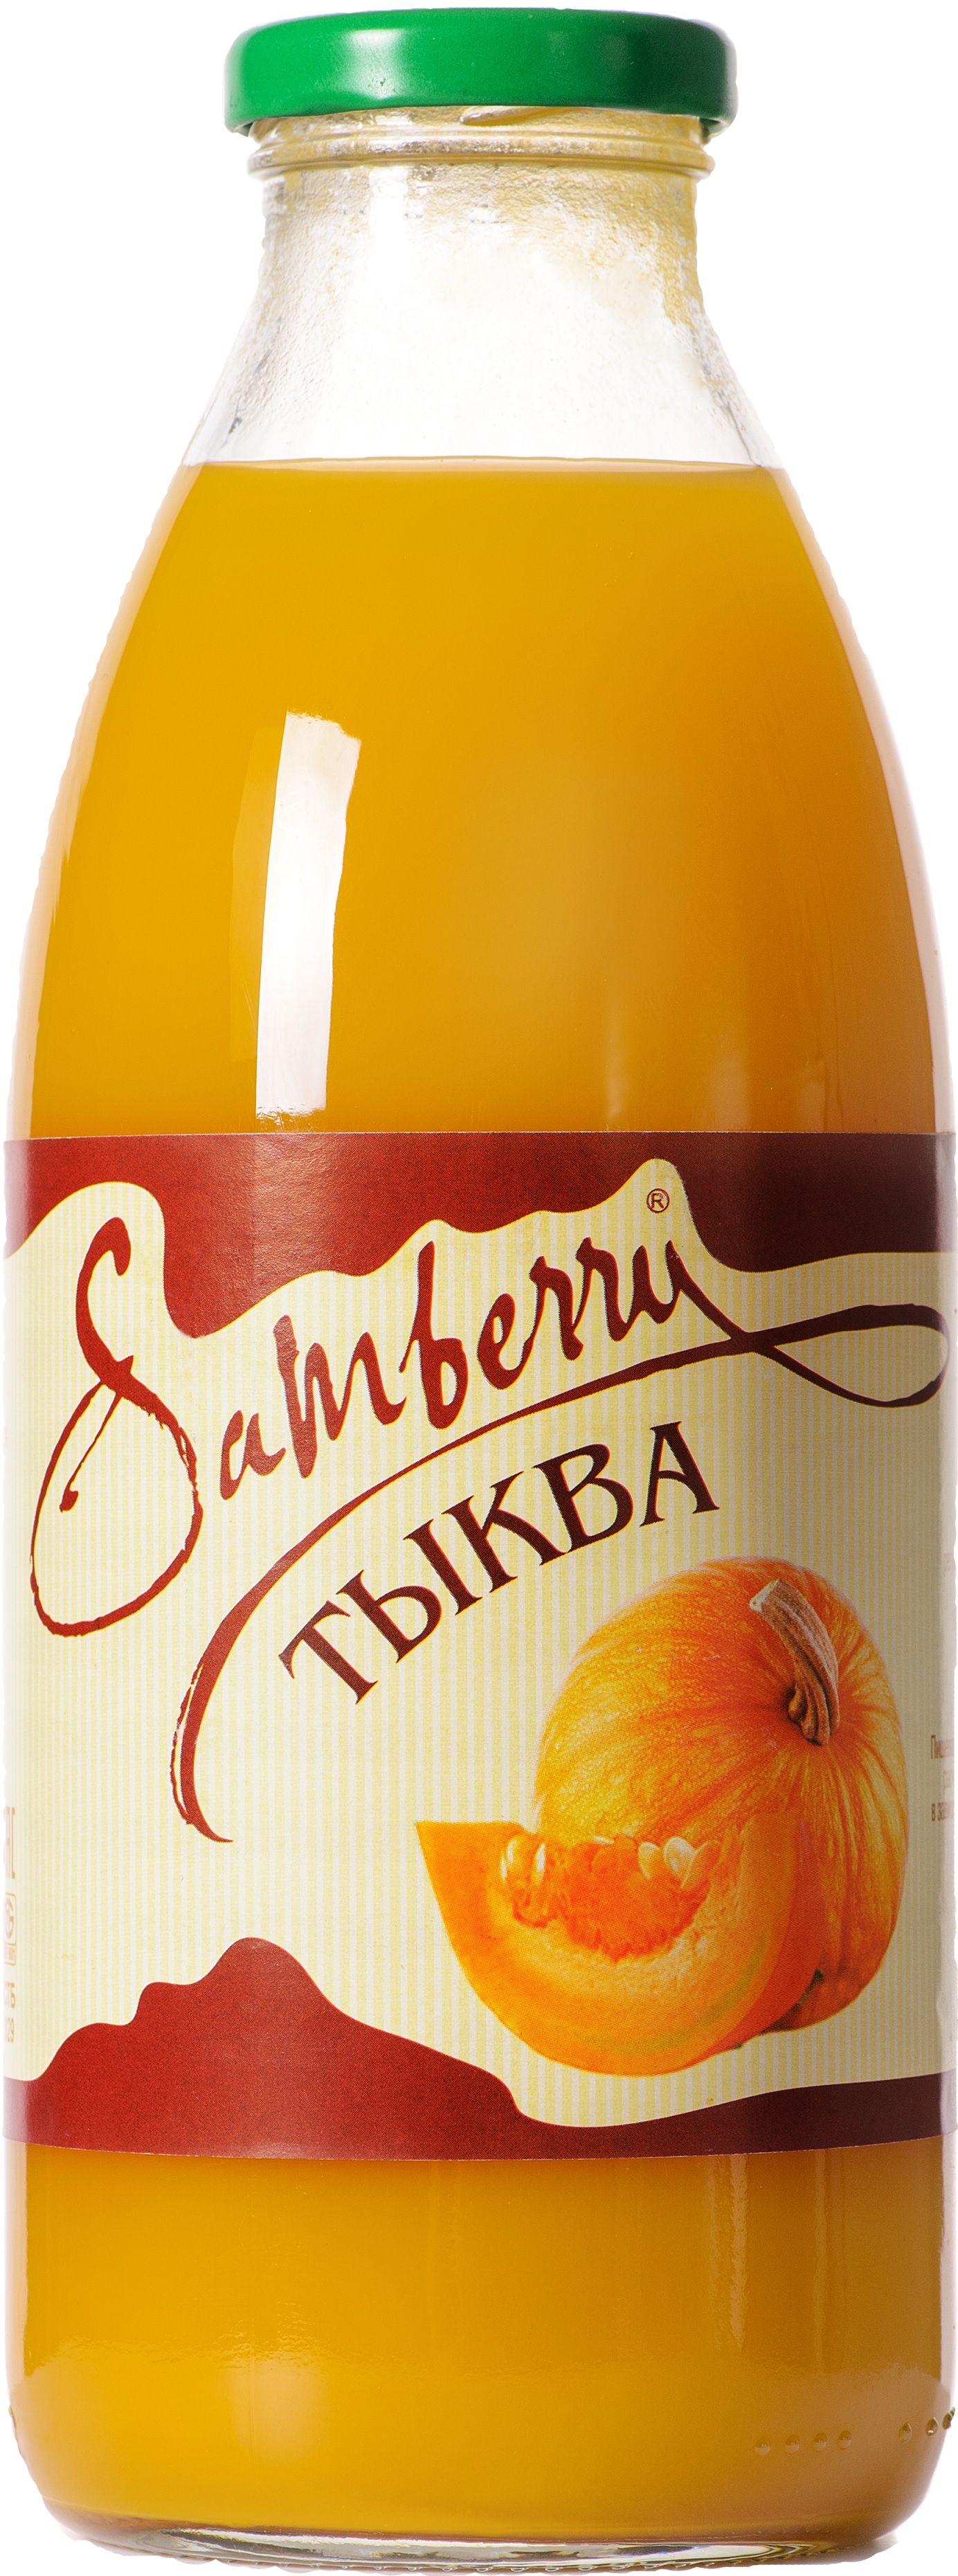 Фото - Нектар Samberry тыквенный с мякотью, 730 мл. ст.бут., Тыква нектар benature морковно яблочный 730 мл